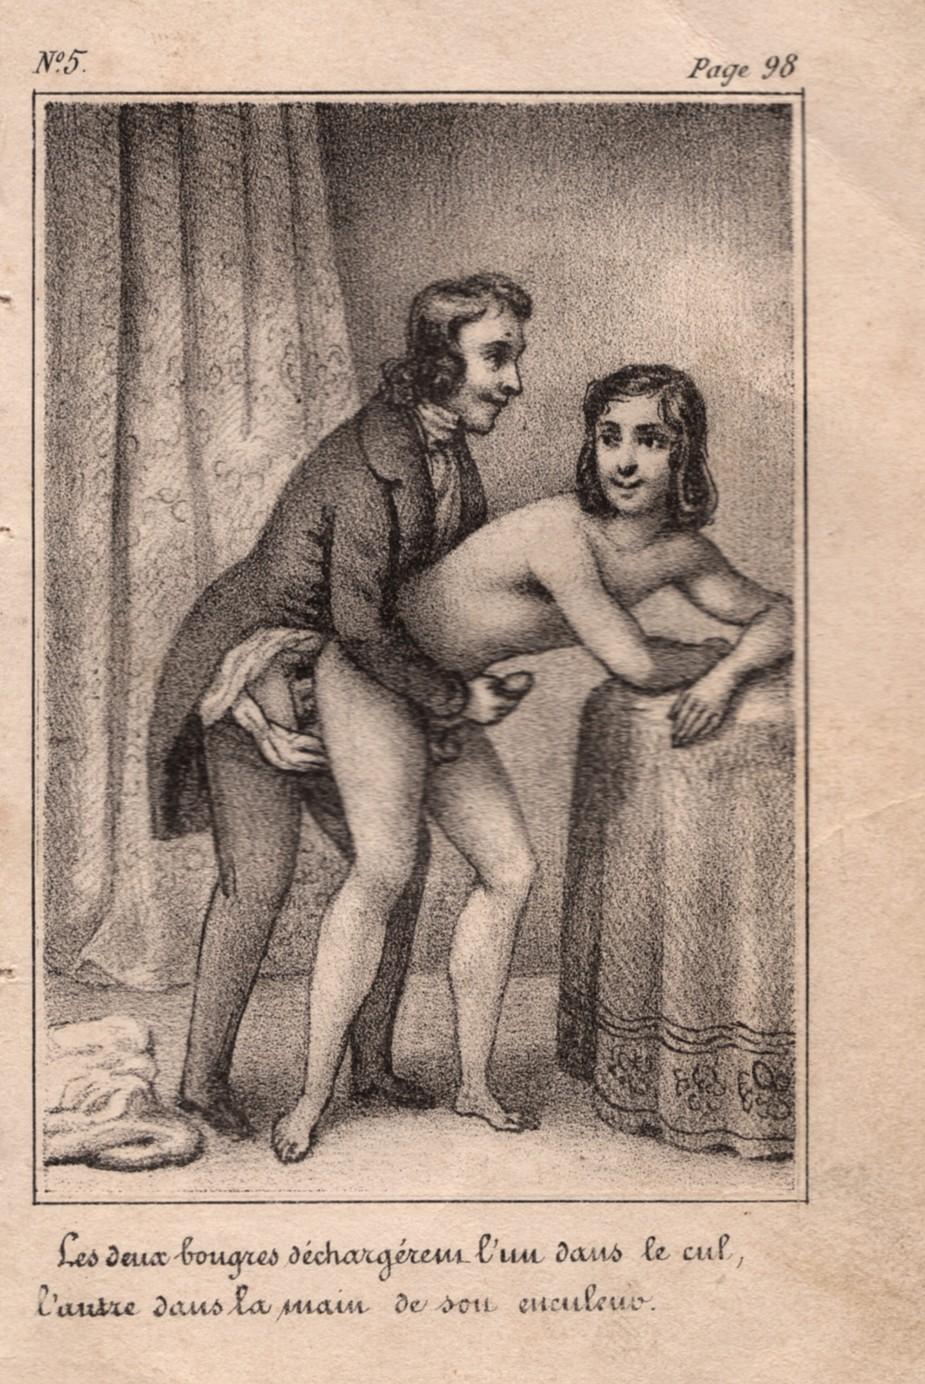 Erotique gay